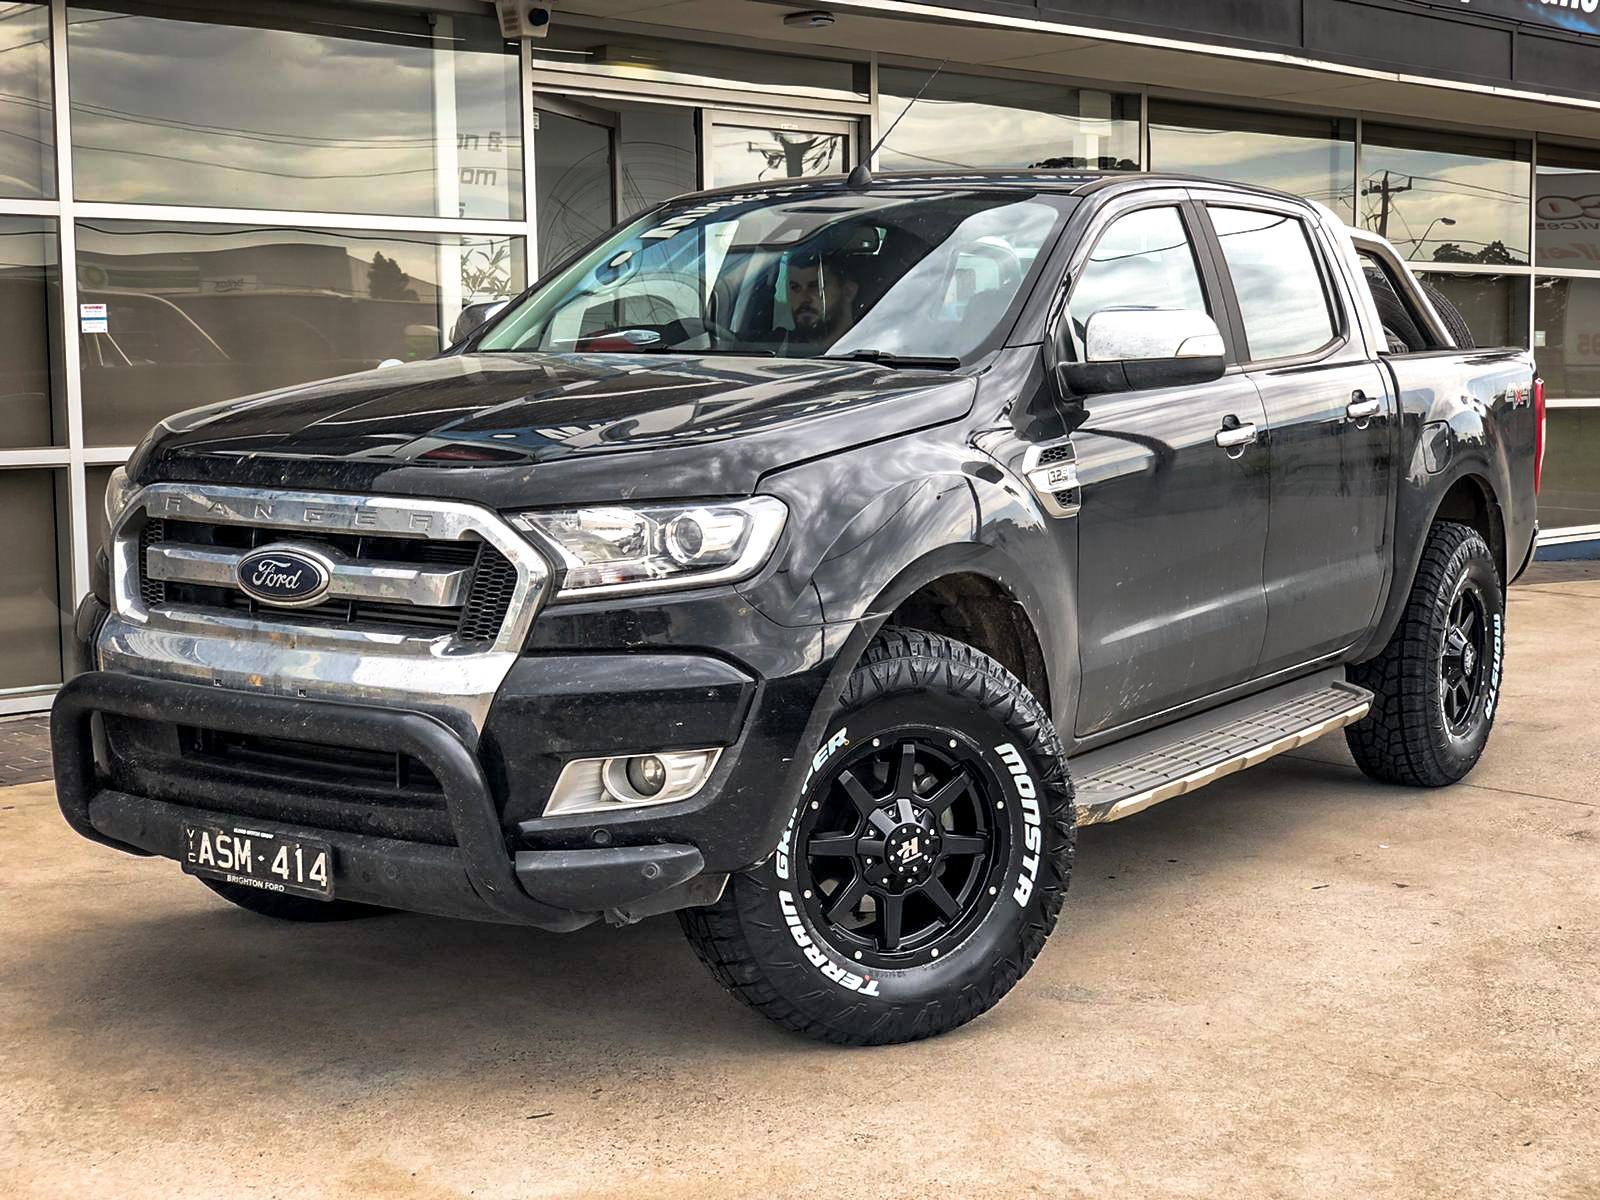 Ford rannger on hussla stealth matte black 2 of 4